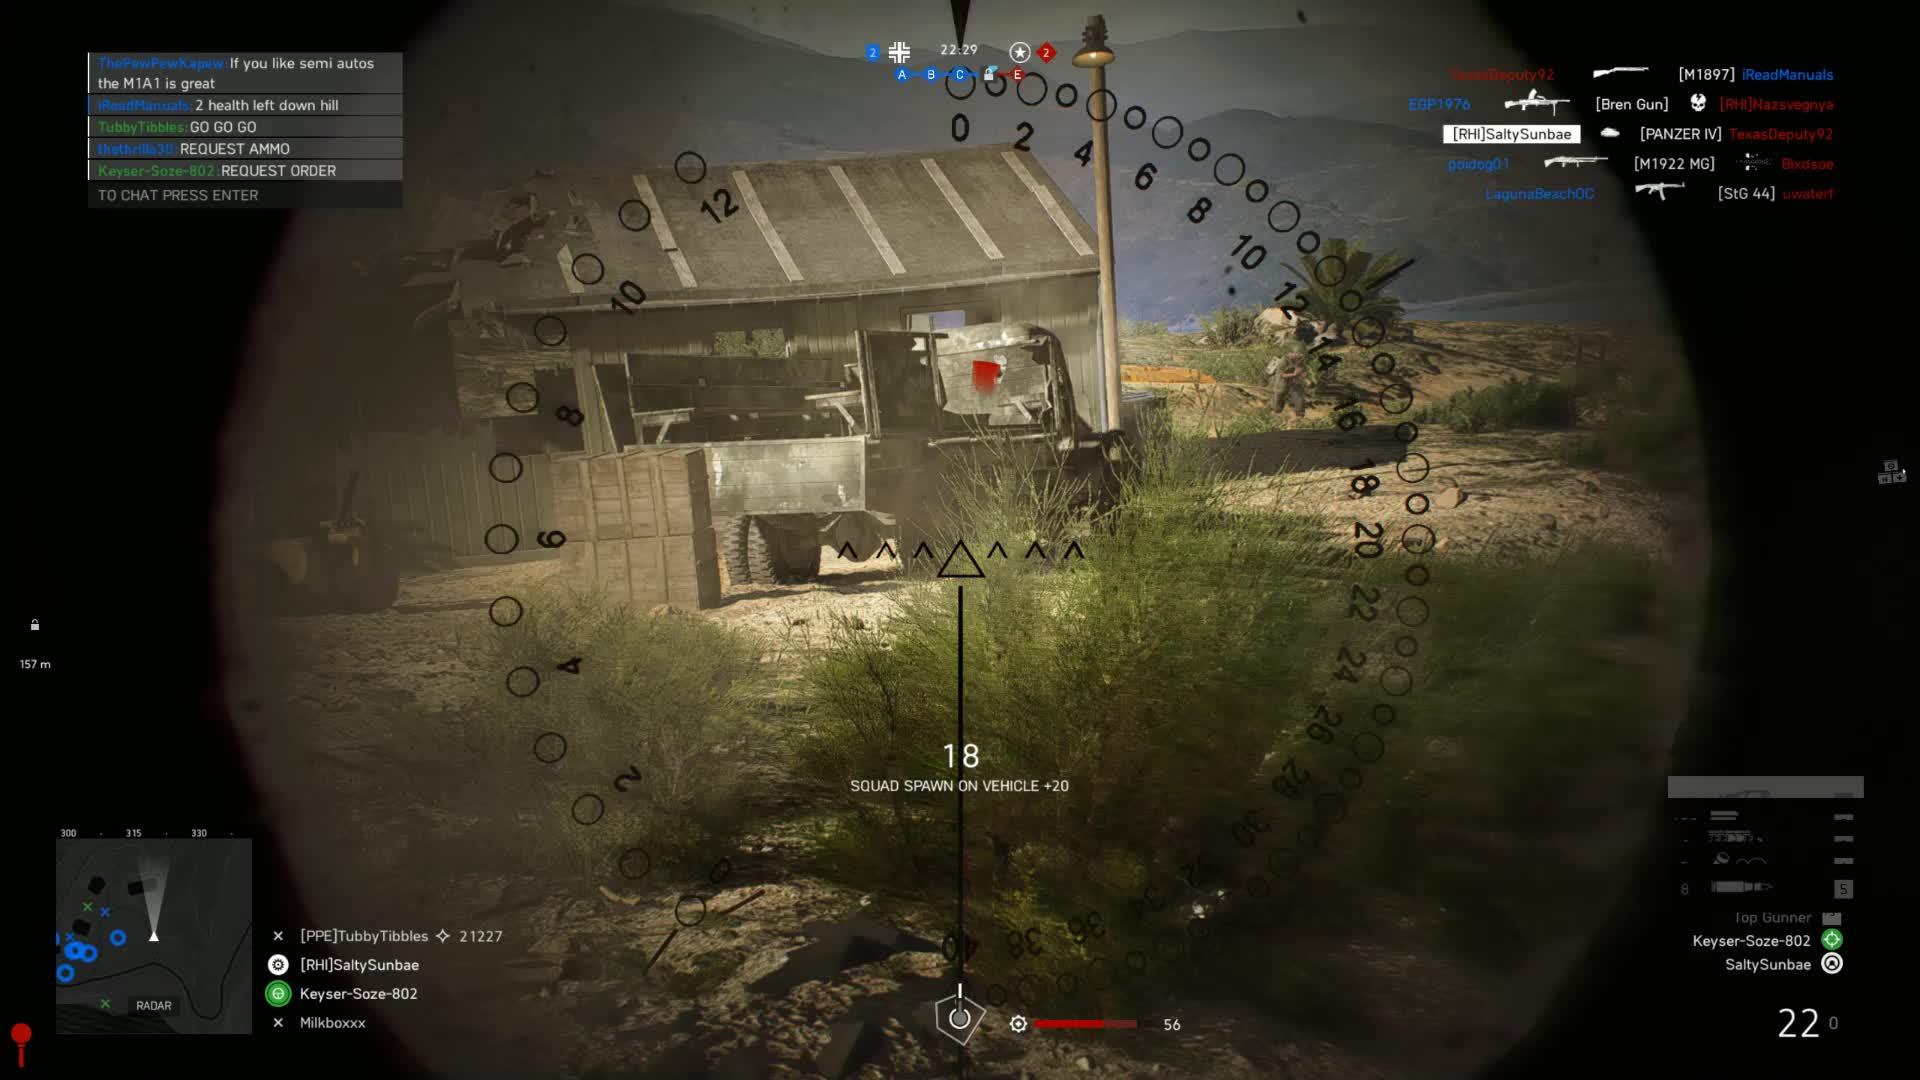 panzer iv GIFs